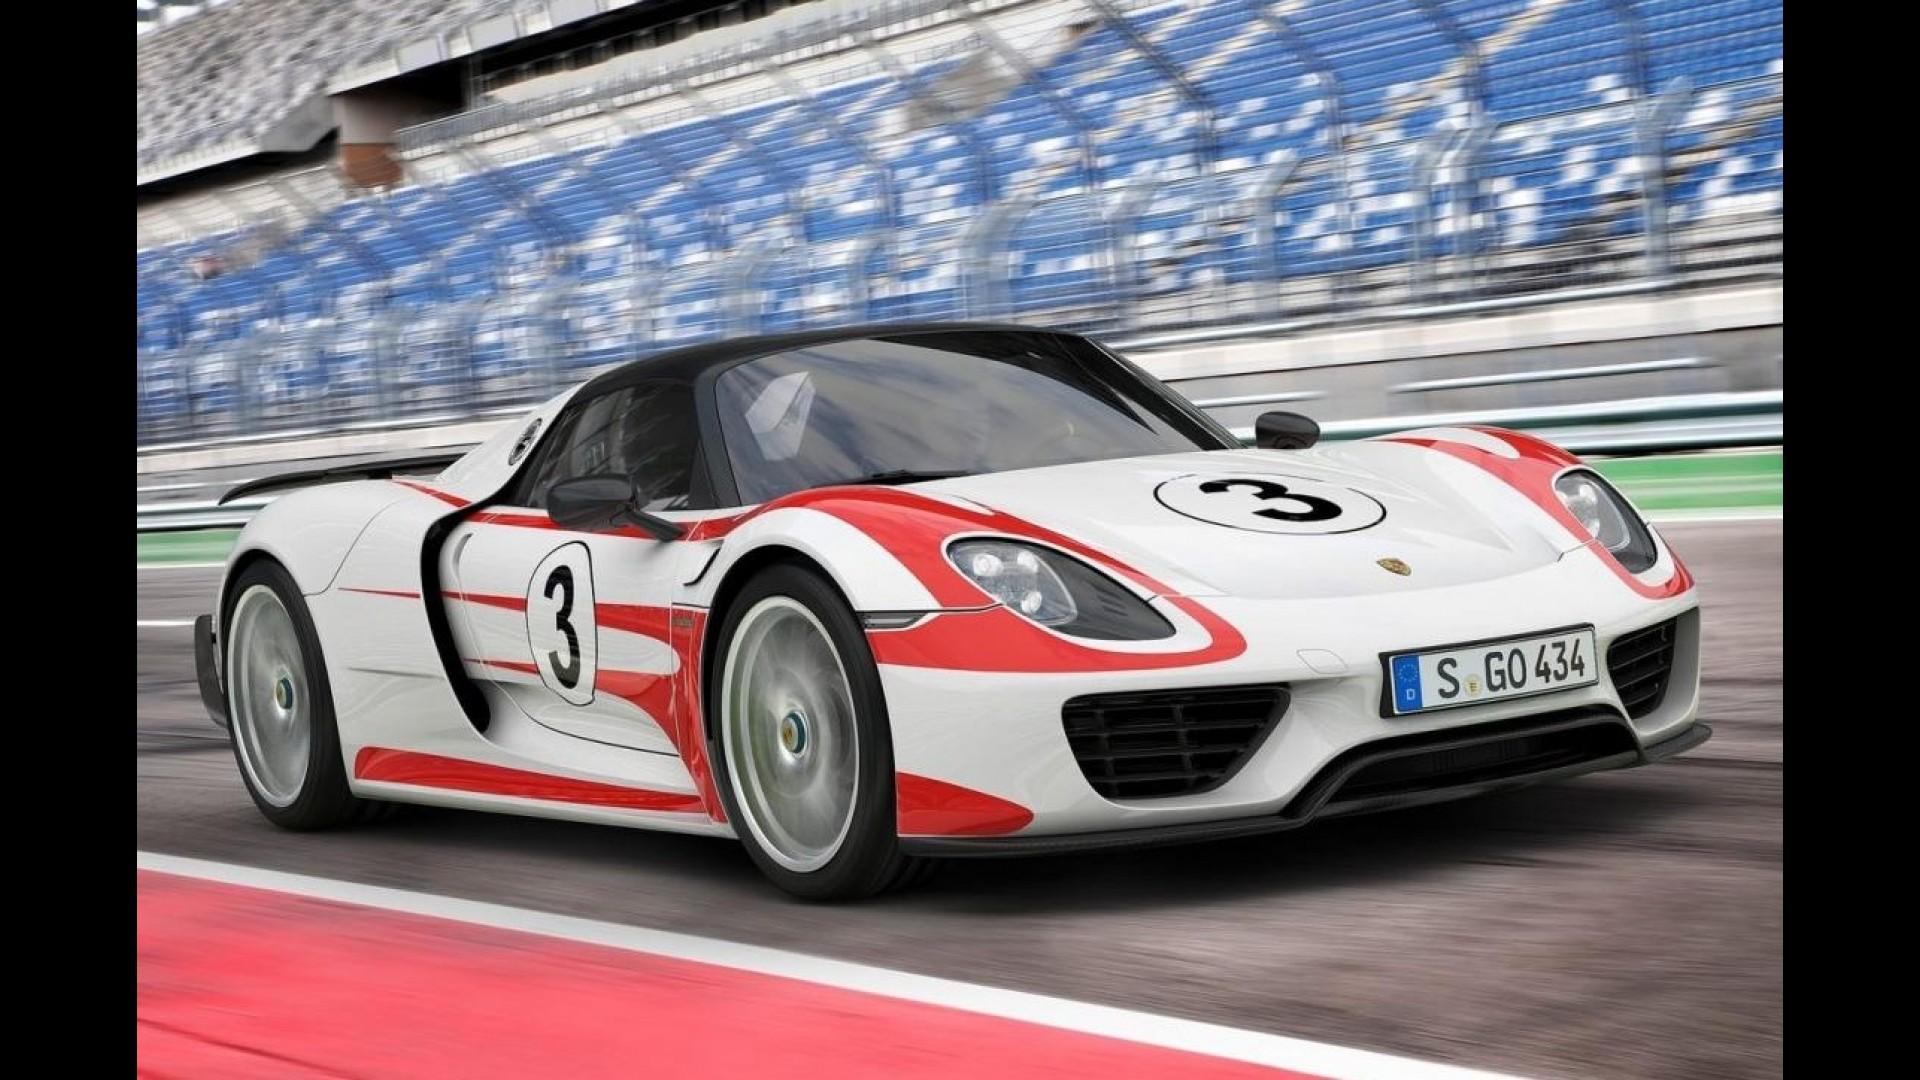 Galeria Porsche 918 Spyder E Revelado Por Completo Veja Detalhes